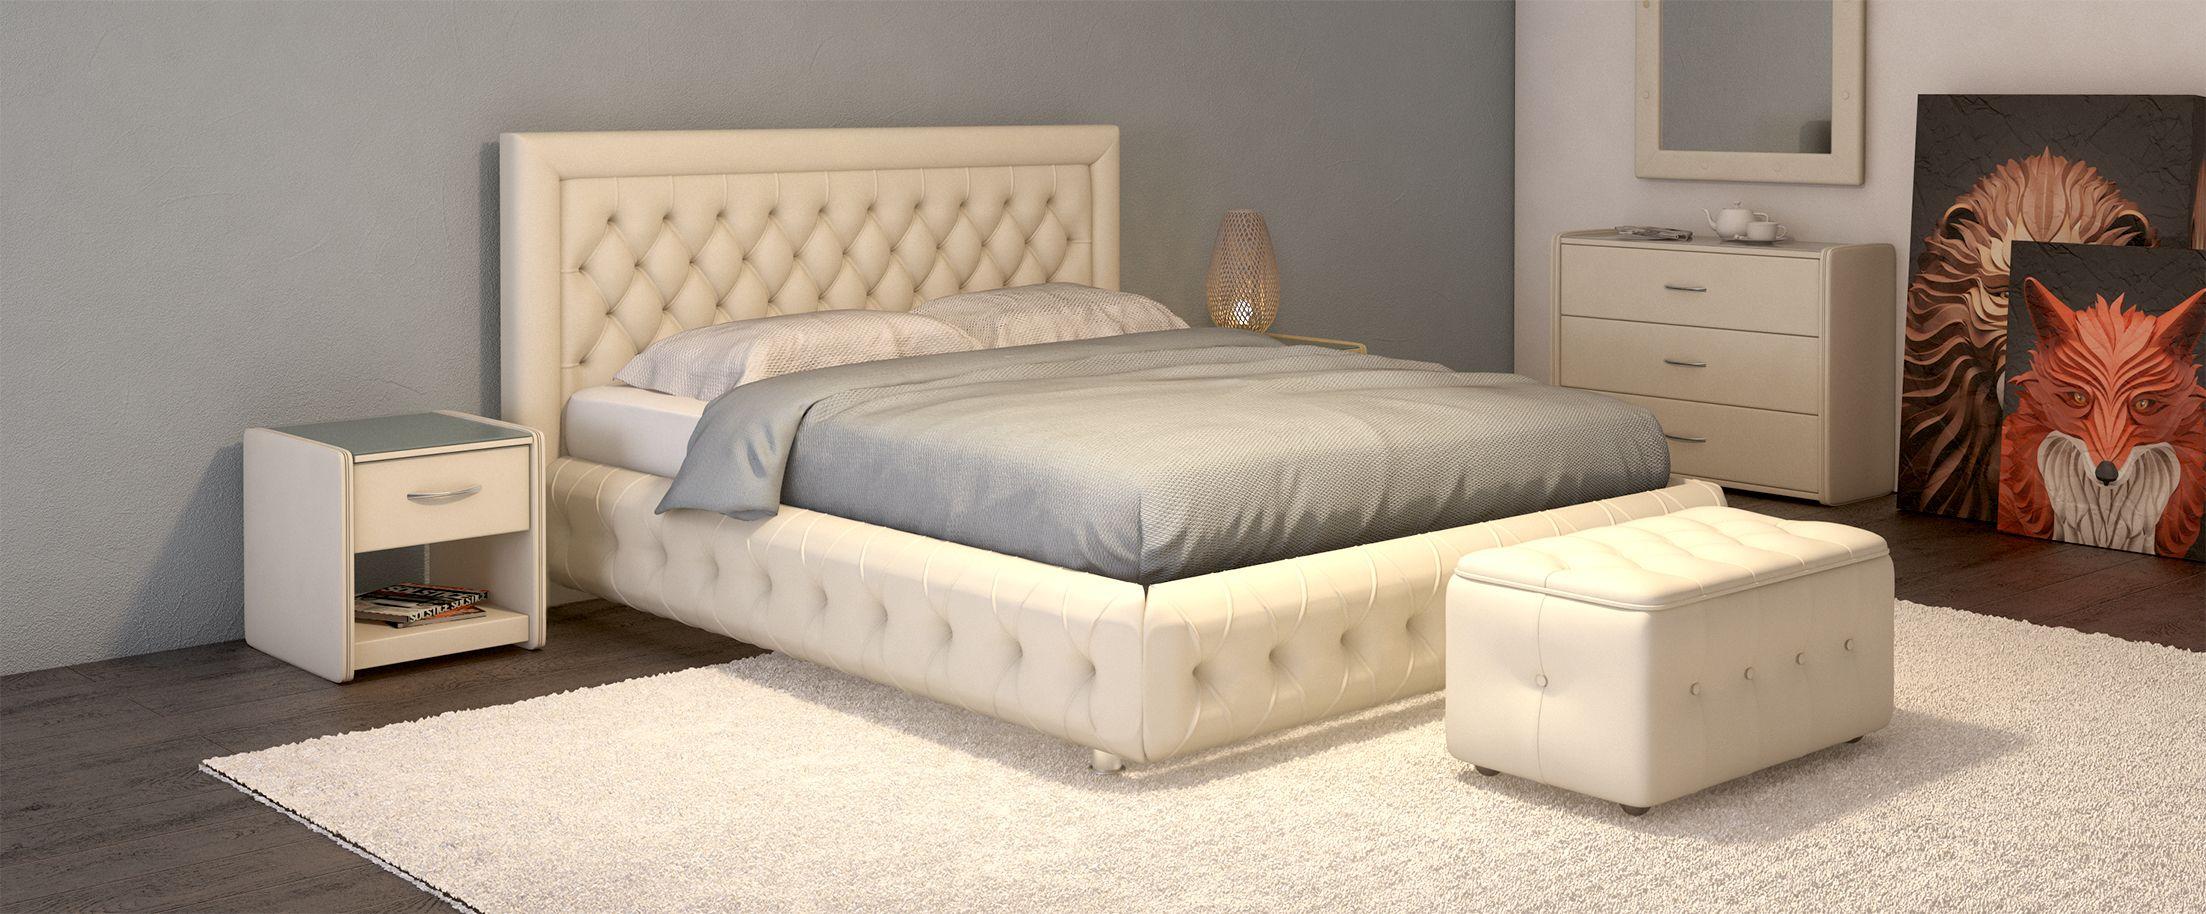 Кровать двуспальная Биг Бен Модель 586Оригинальный дизайн кровати сделает Вашу спальню особенной. Биг Бен - кровать для тех, кому нравится сочетать классику и модерн: утяжки на царгах придают стиль и шарм изделию.